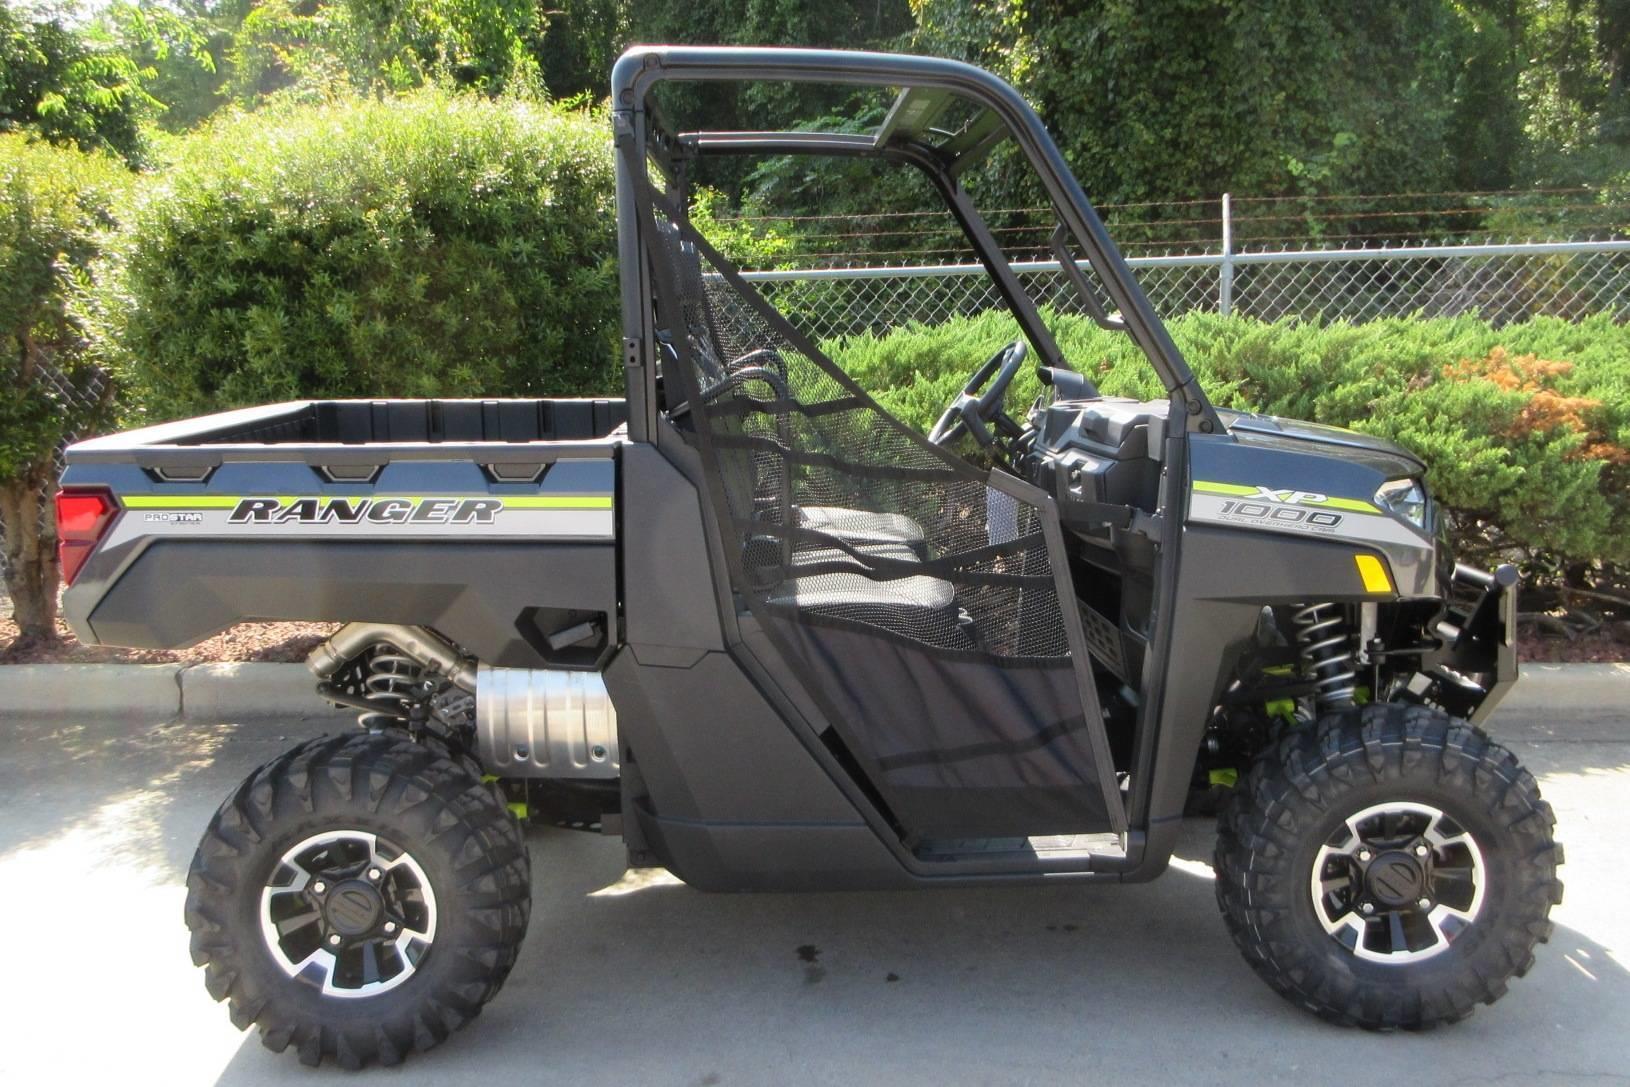 High Quality Ranger XP 1000 EPS Premium UTV 12